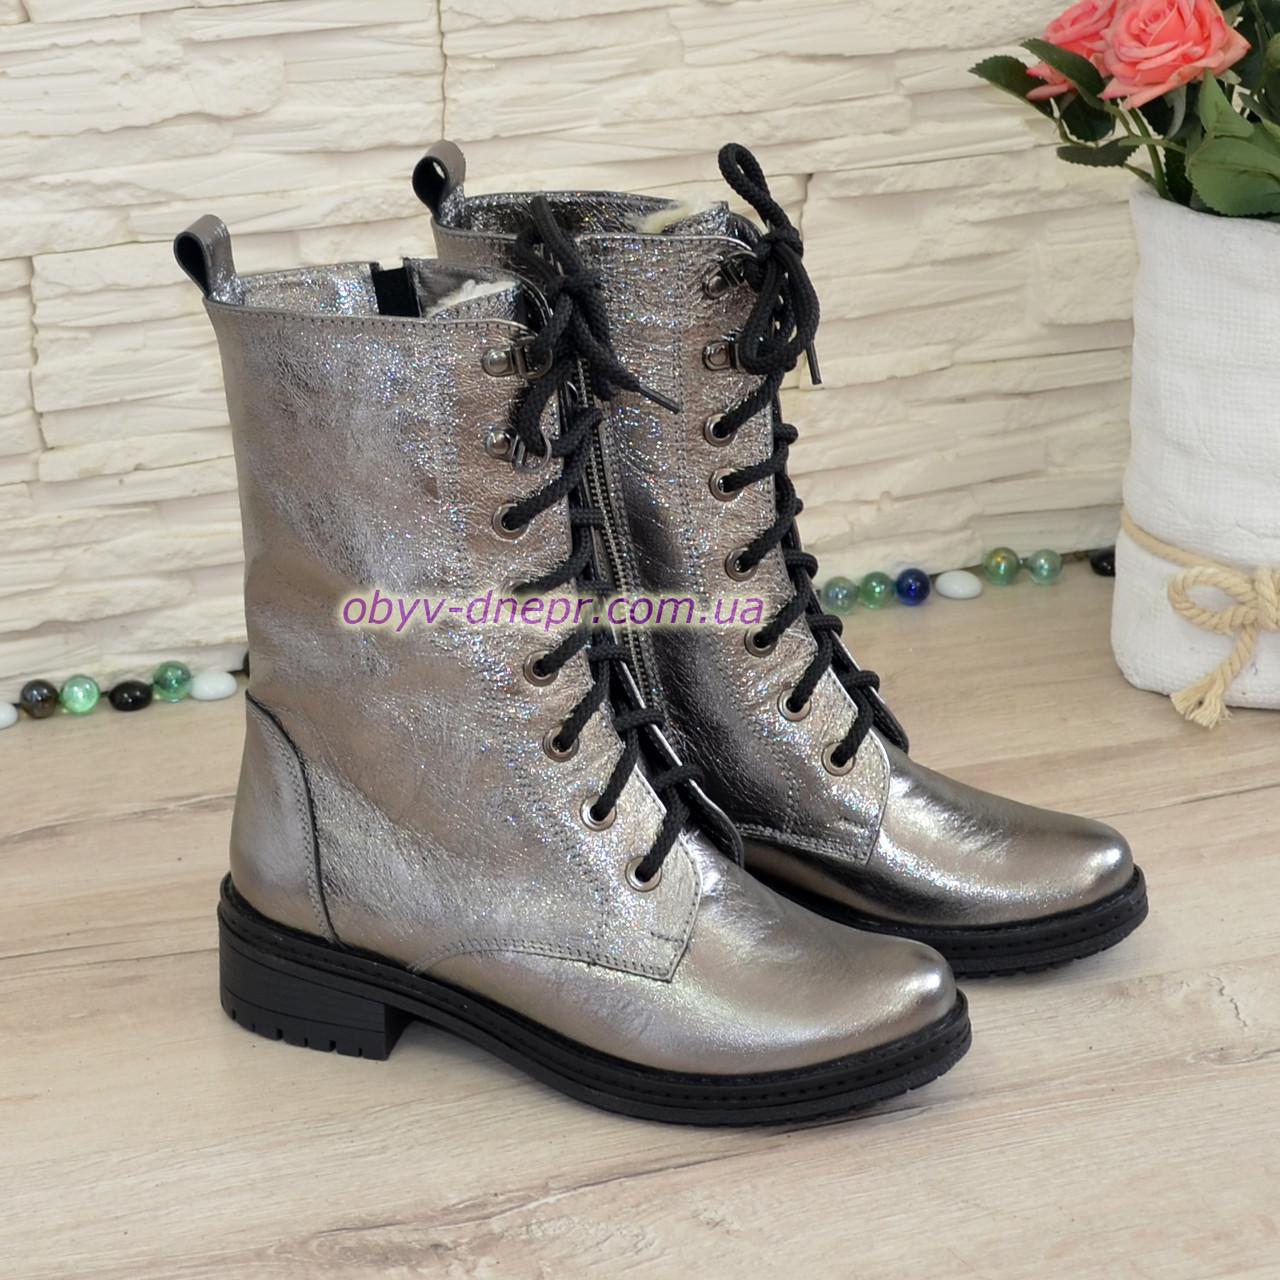 Стильні шкіряні черевики на низькому ходу, колір нікель